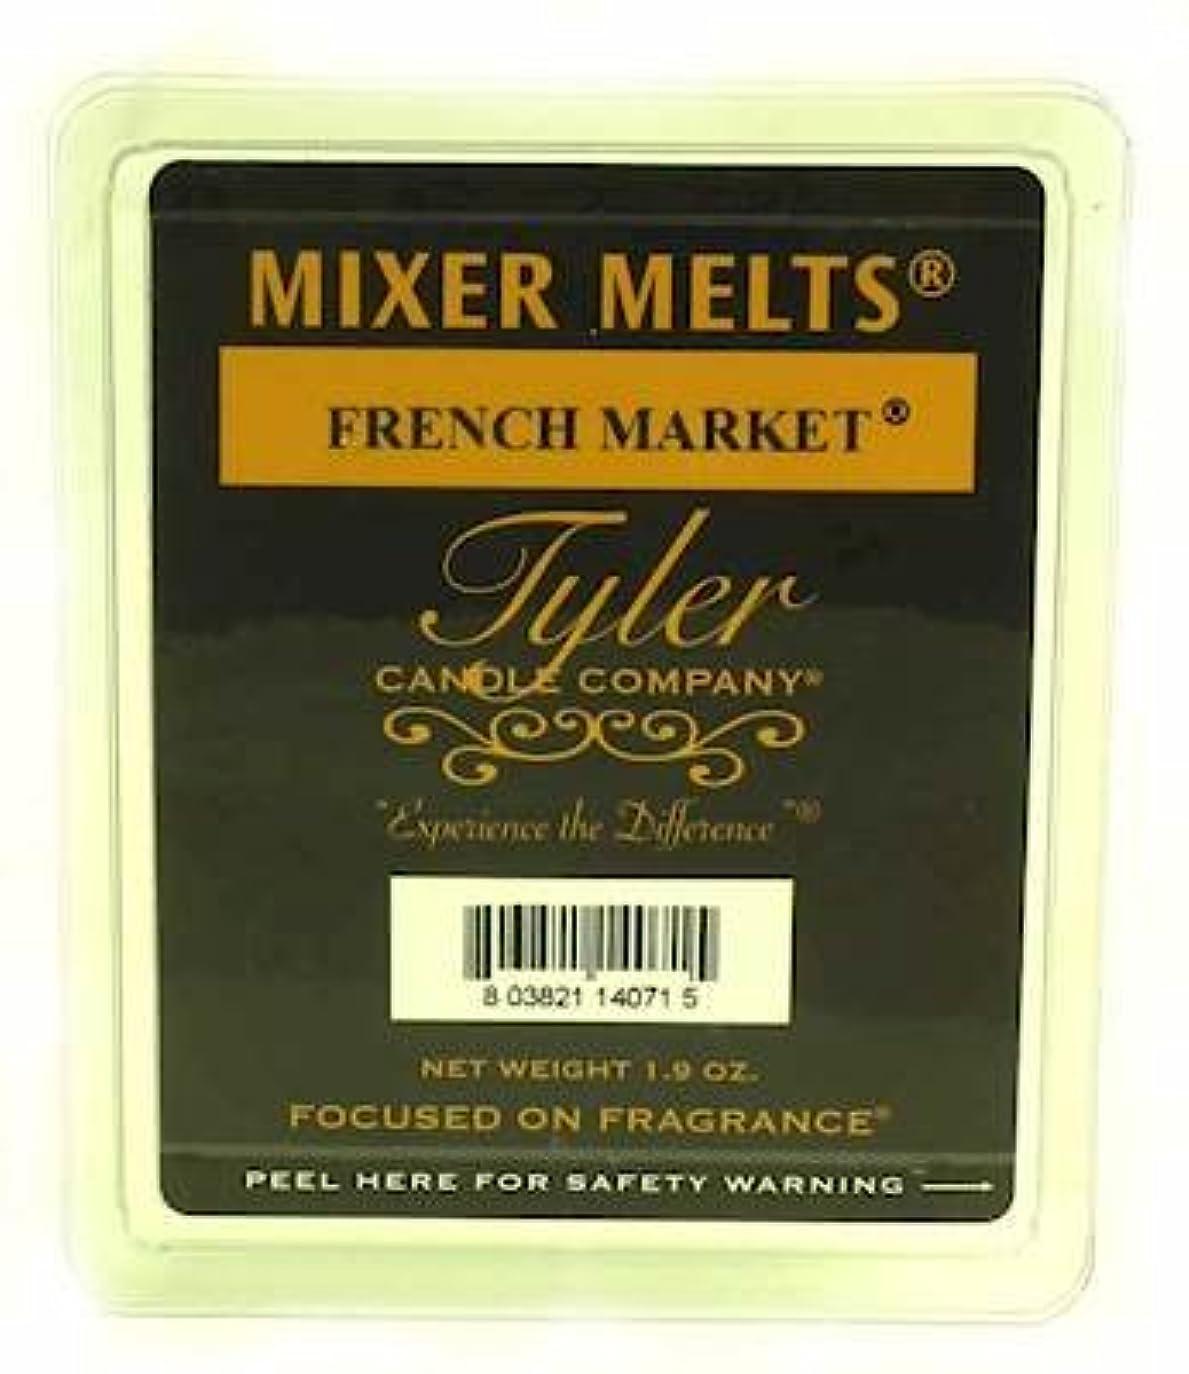 唇回転させる病的Tyler Candles Mixer Melts - French Market by Tyler Company